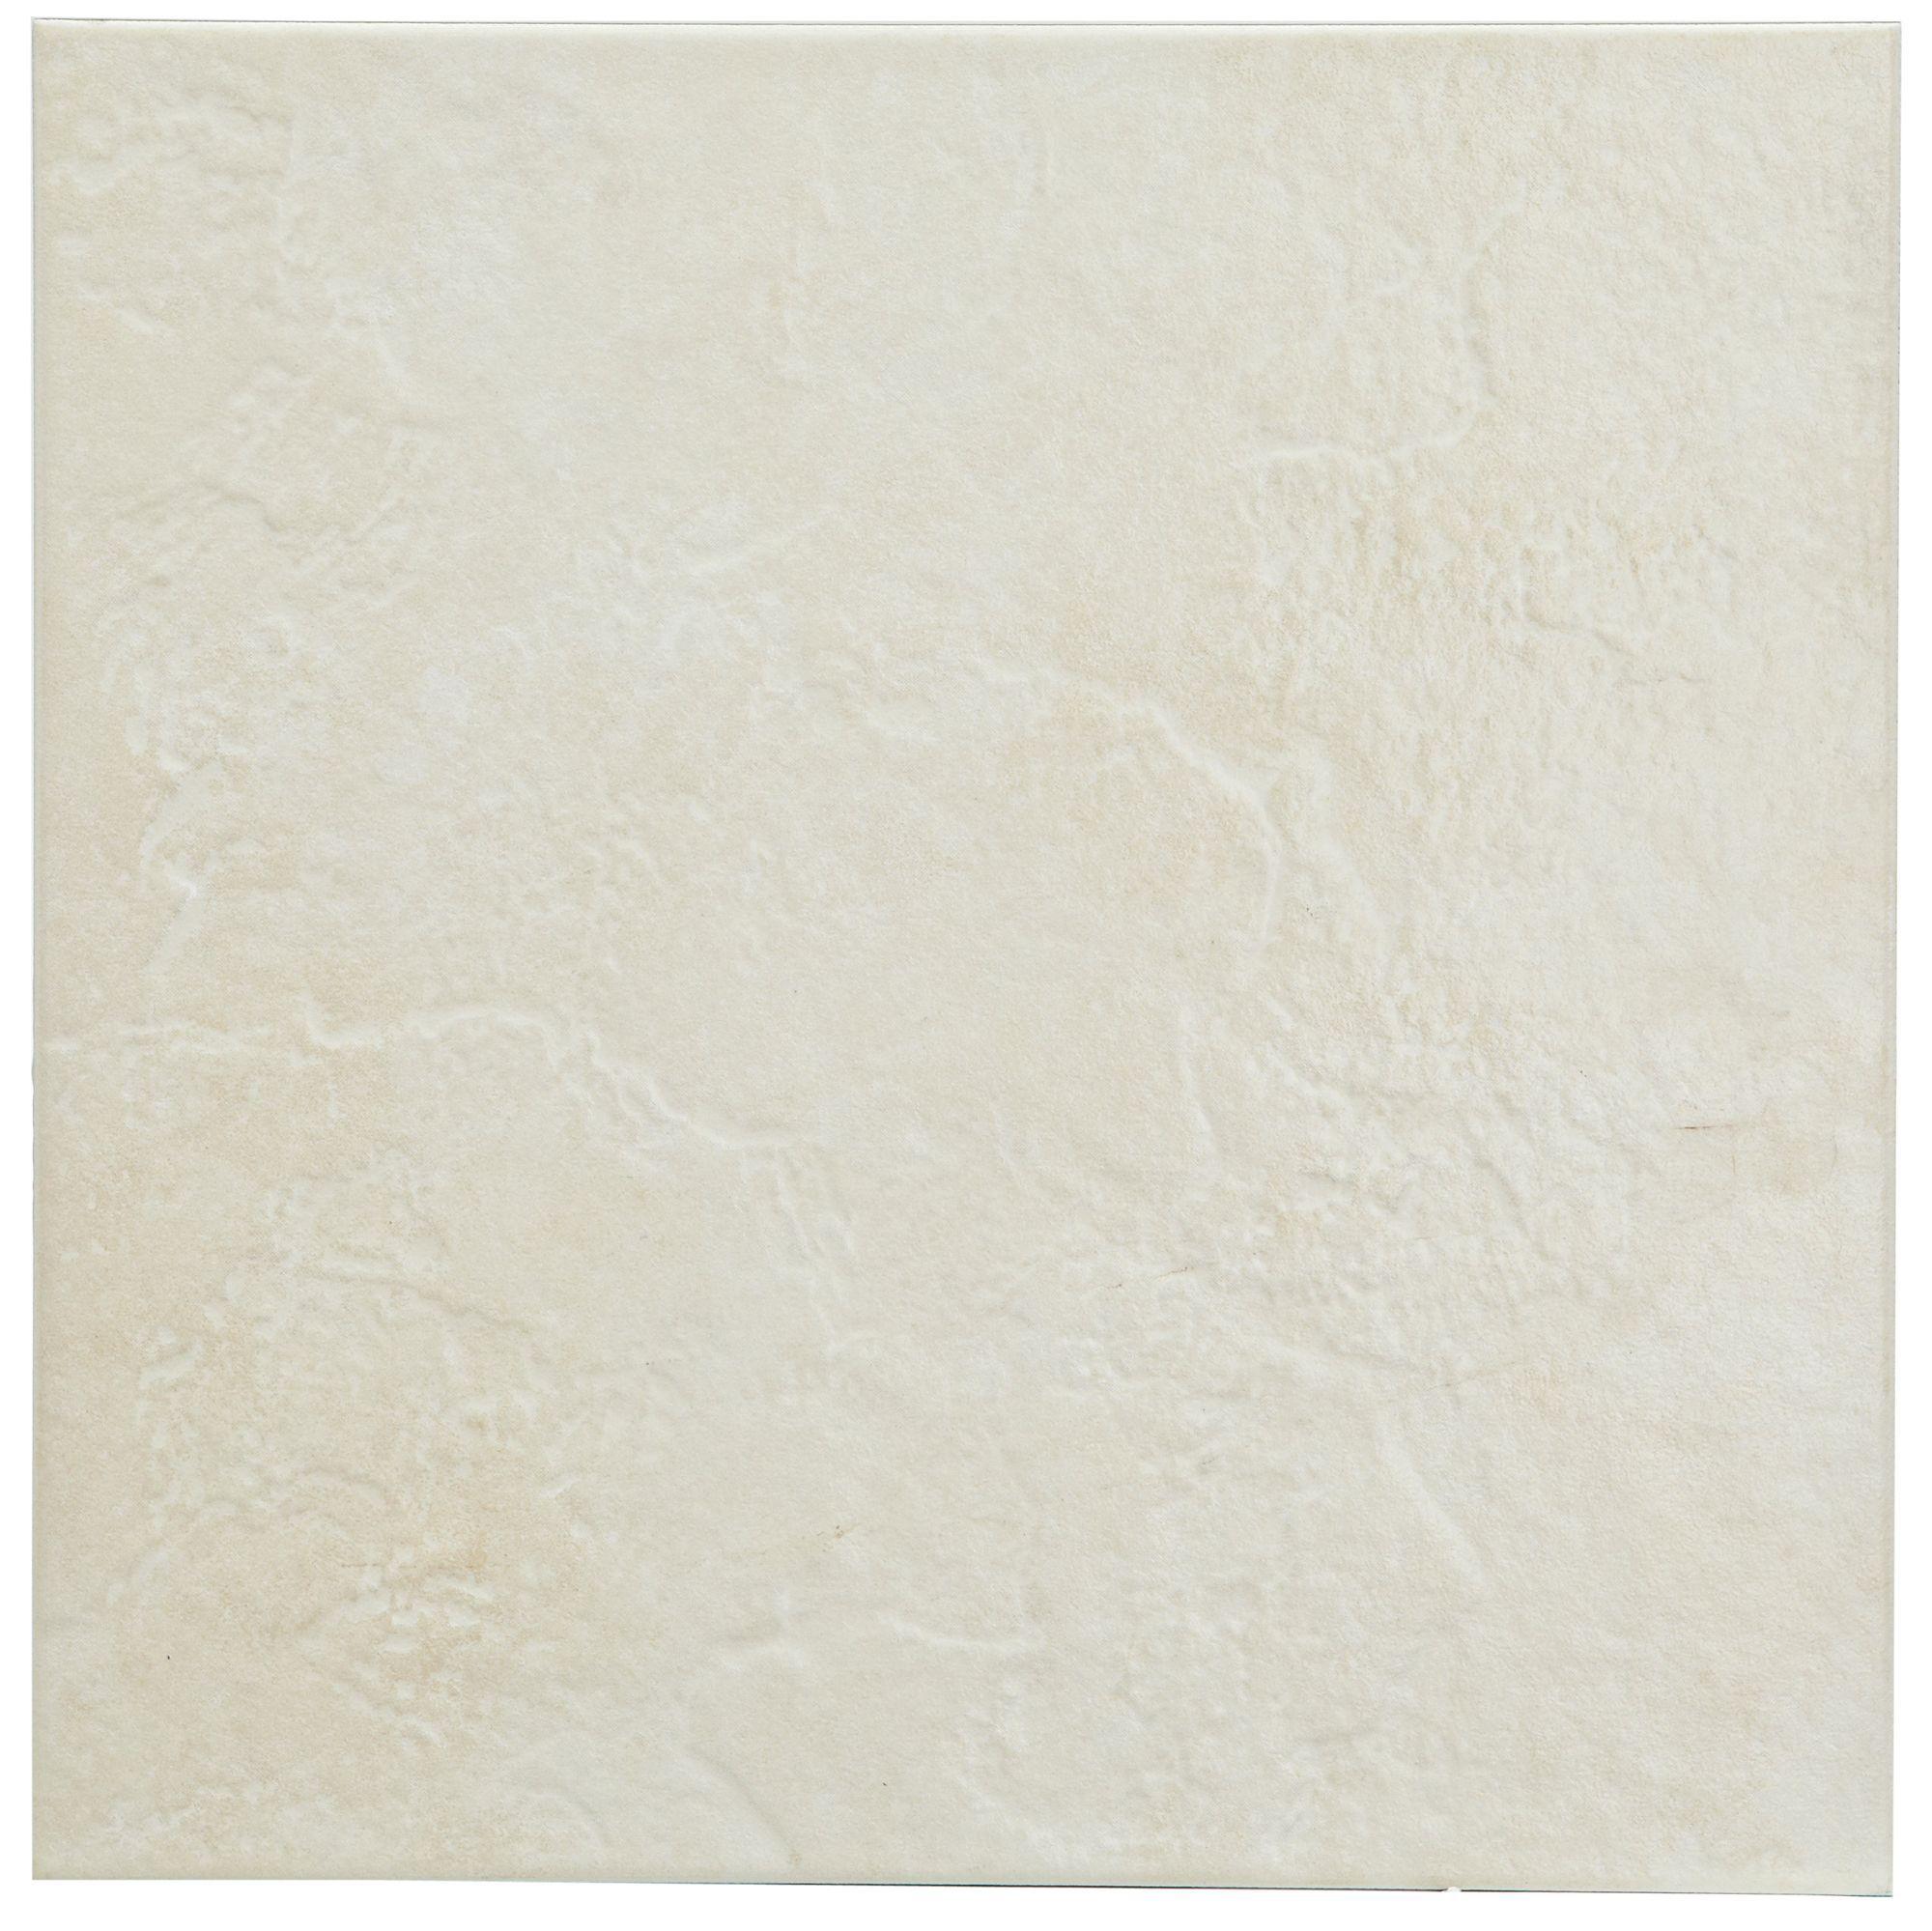 Bq Kitchen Floor Tiles Cirque Beige Ceramic Floor Tile Pack Of 9 L333mm W333mm